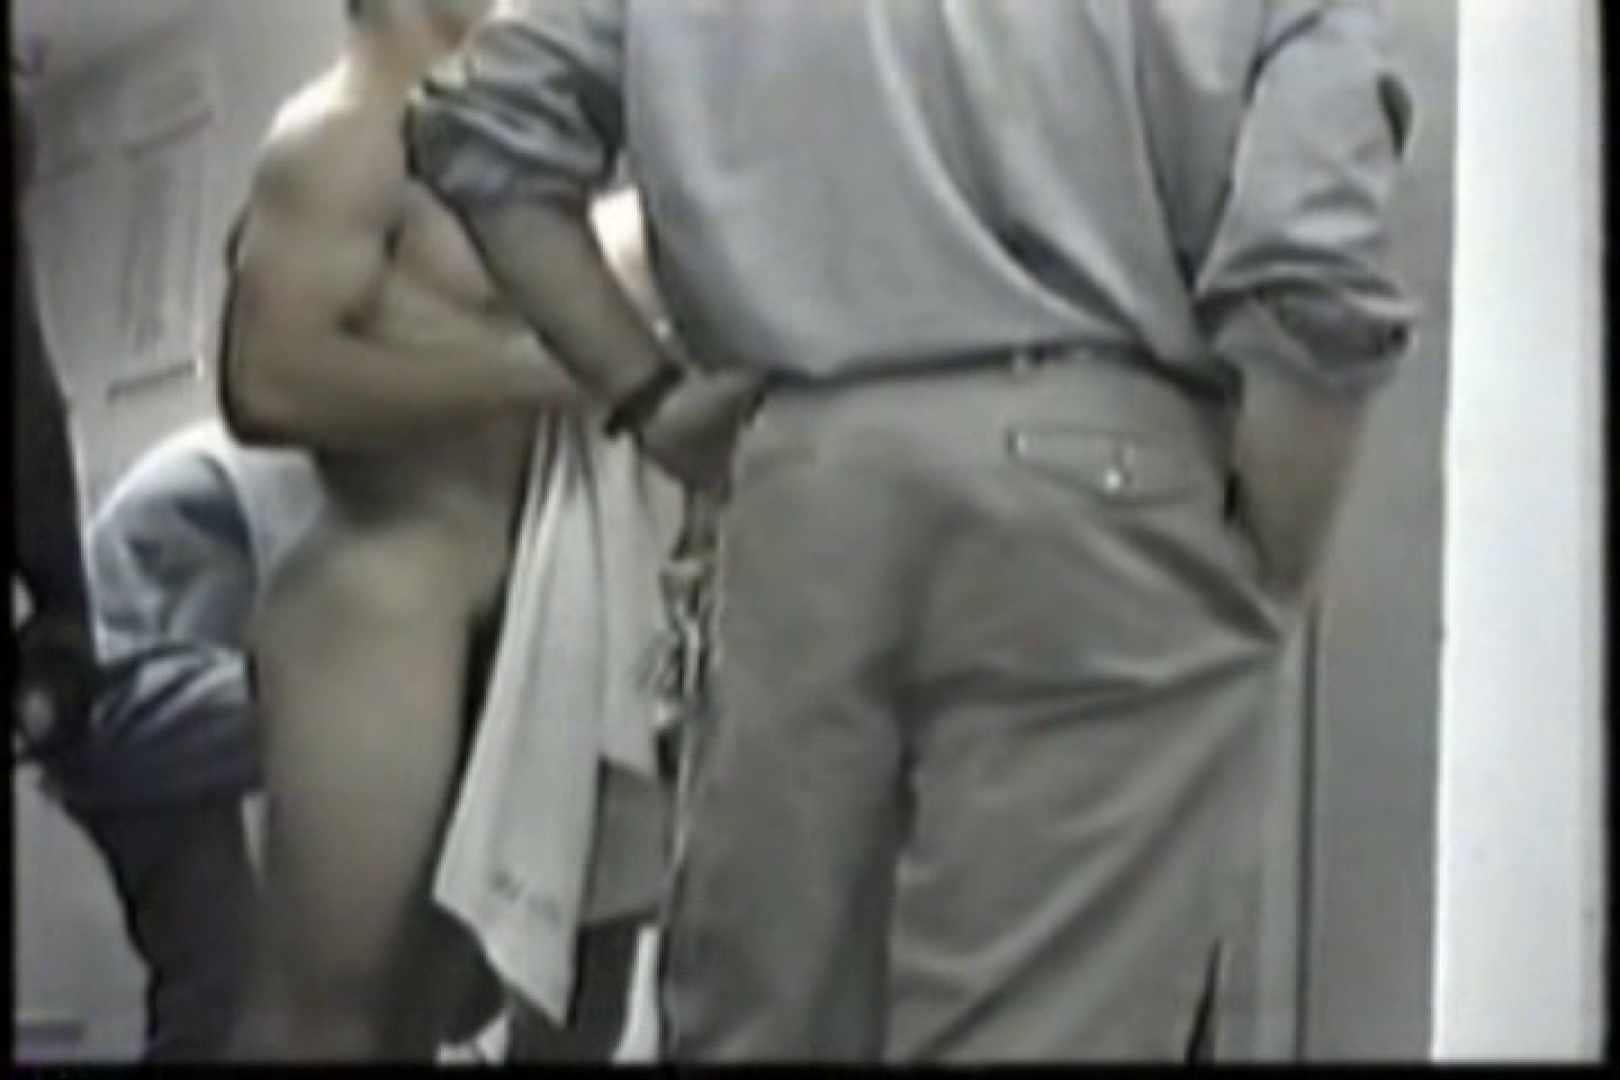 洋人さんの脱衣所を覗いてみました。VOL.6 のぞき Guyエロ画像 22連発 11